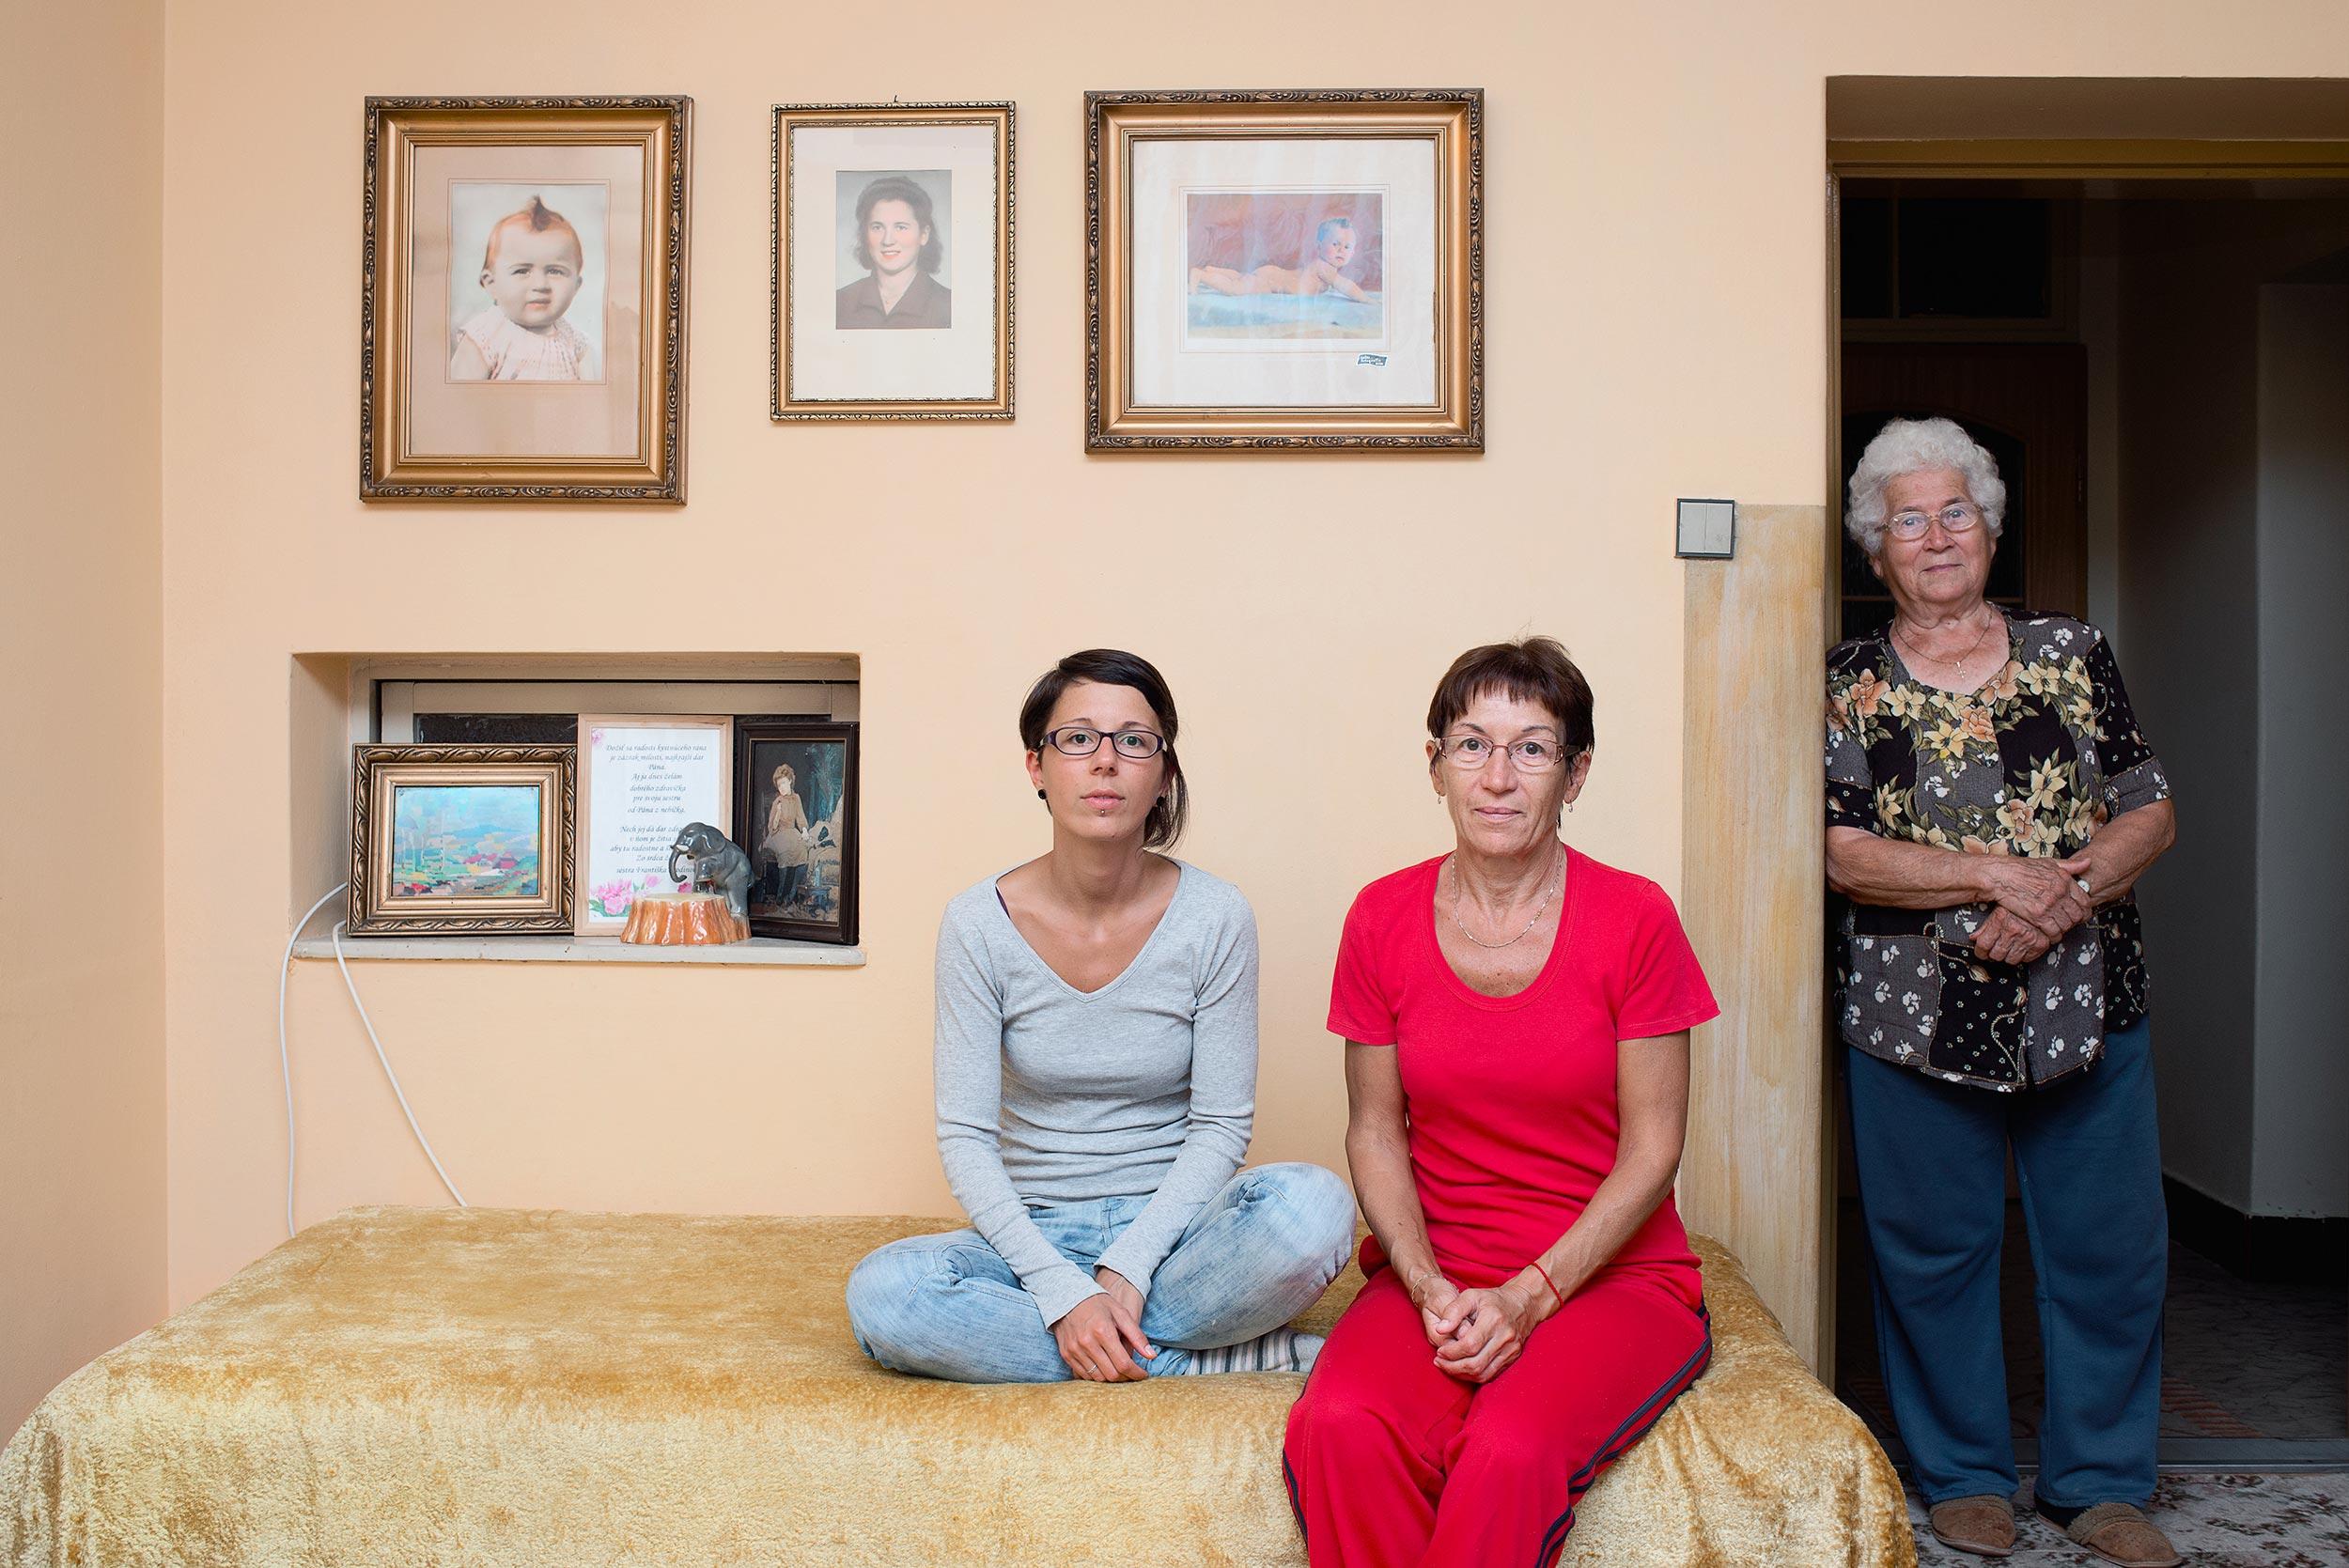 Zuzana, Daniela and Jozefina